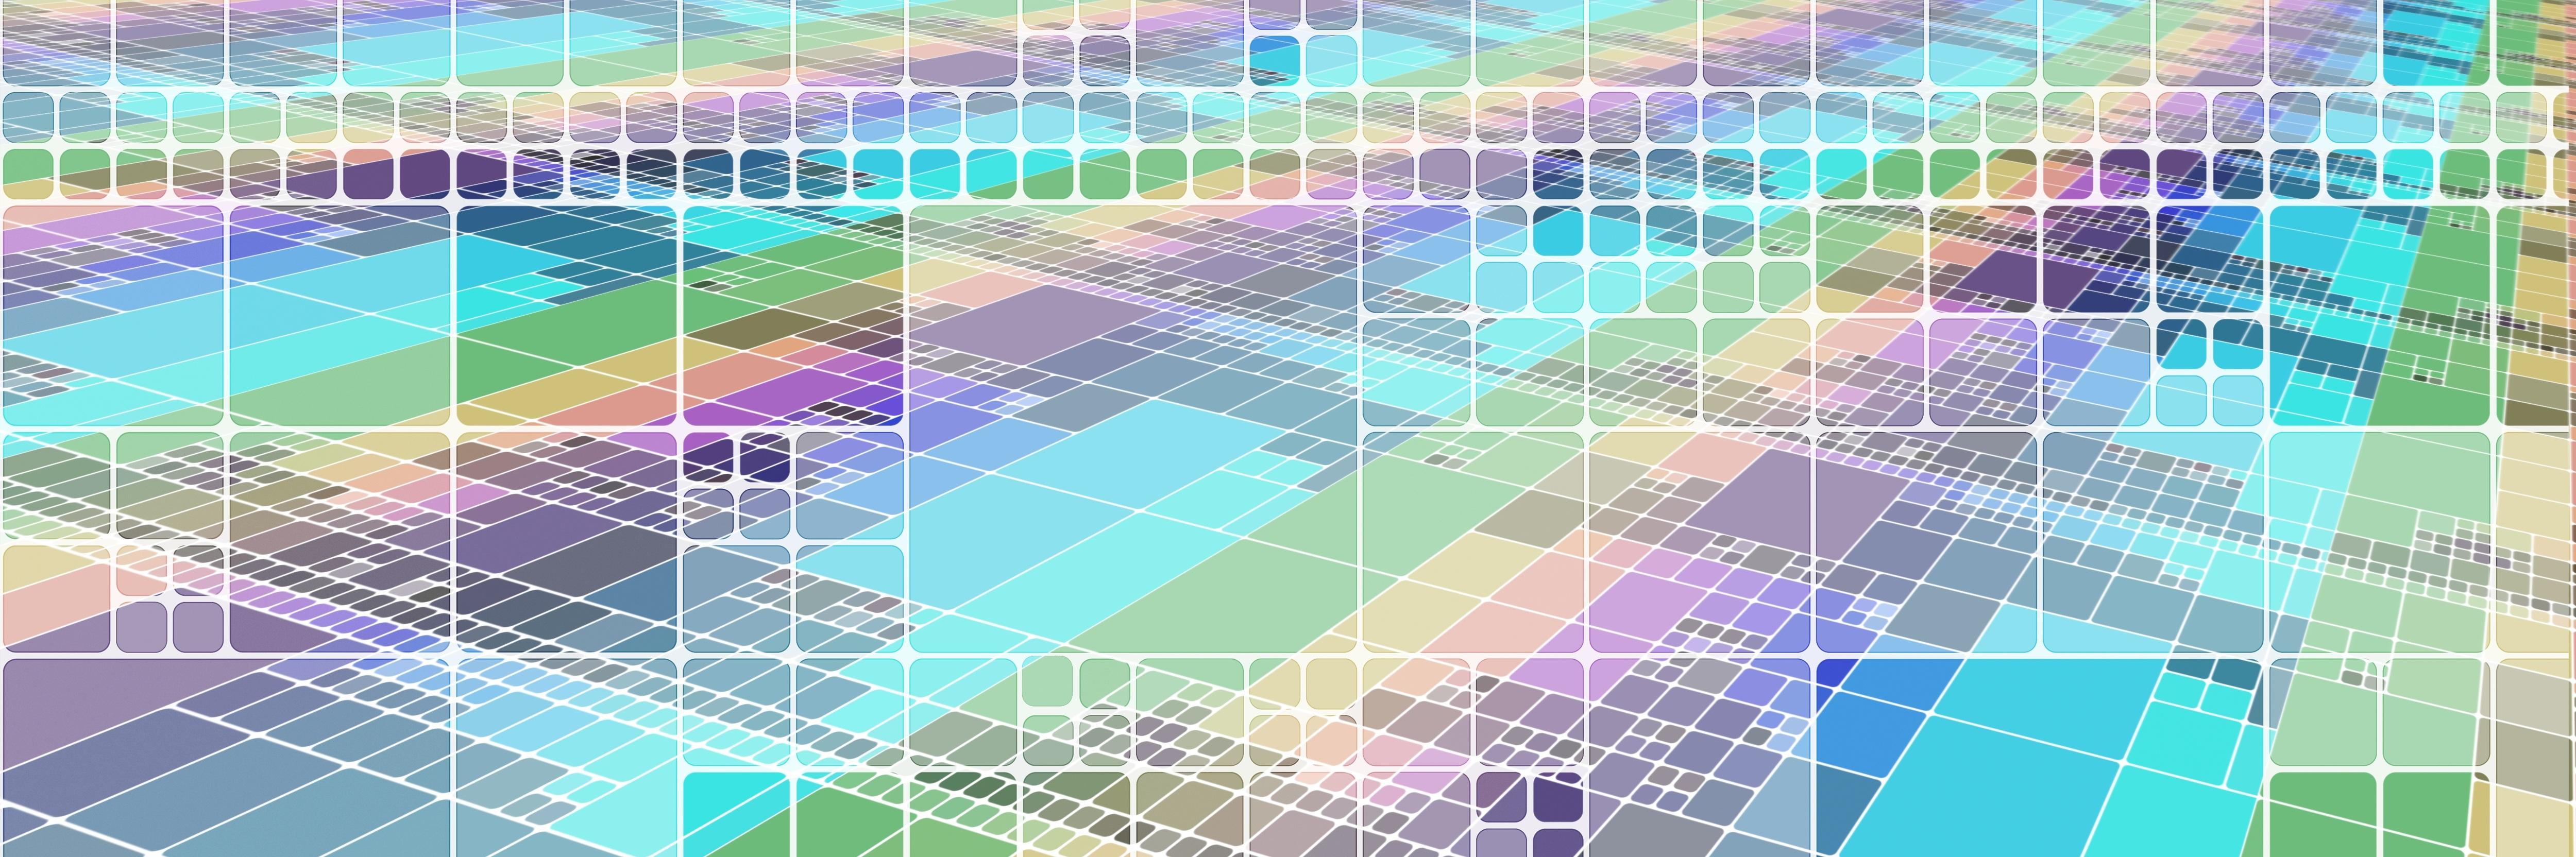 【ODITT補助対象講座】データサイエンス講座シリーズ データサイエンティスト中級講座 開講